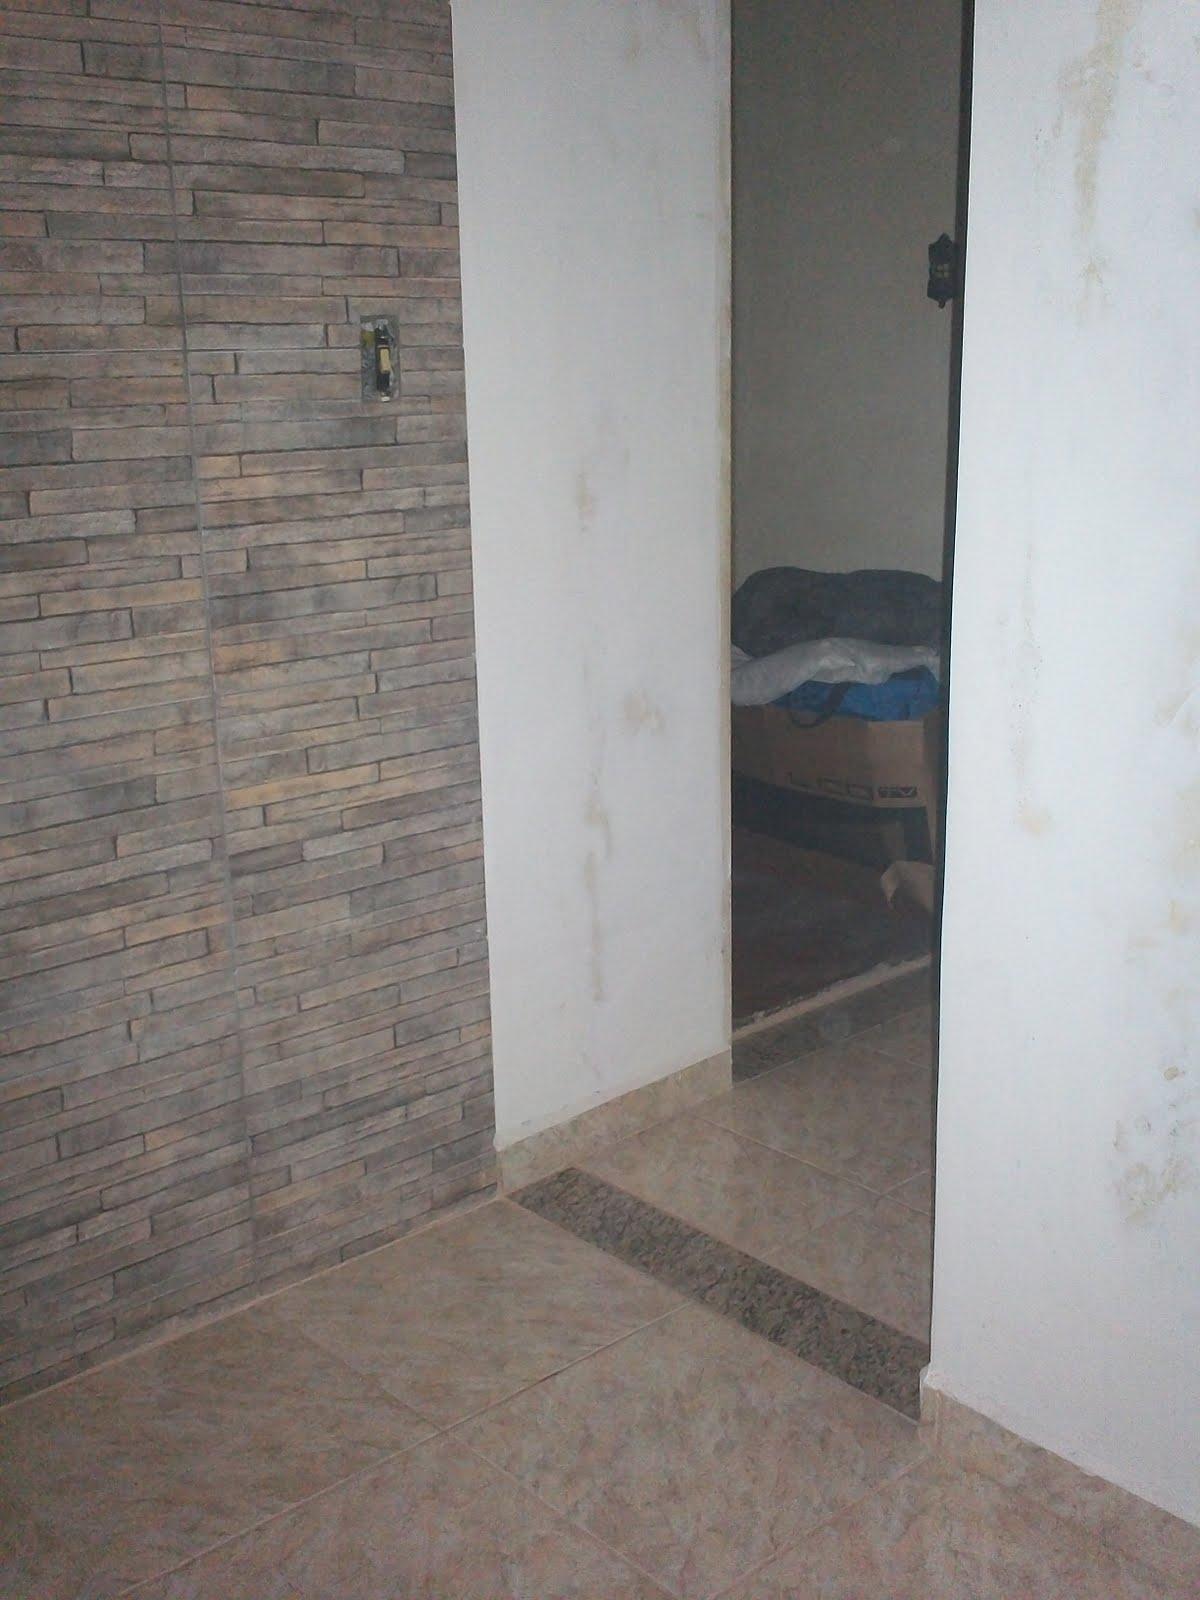 #364C60 Vejam como ficou a parede da sala feita com azulejos imitando  1200x1600 píxeis em Azulejos Parede Sala De Estar